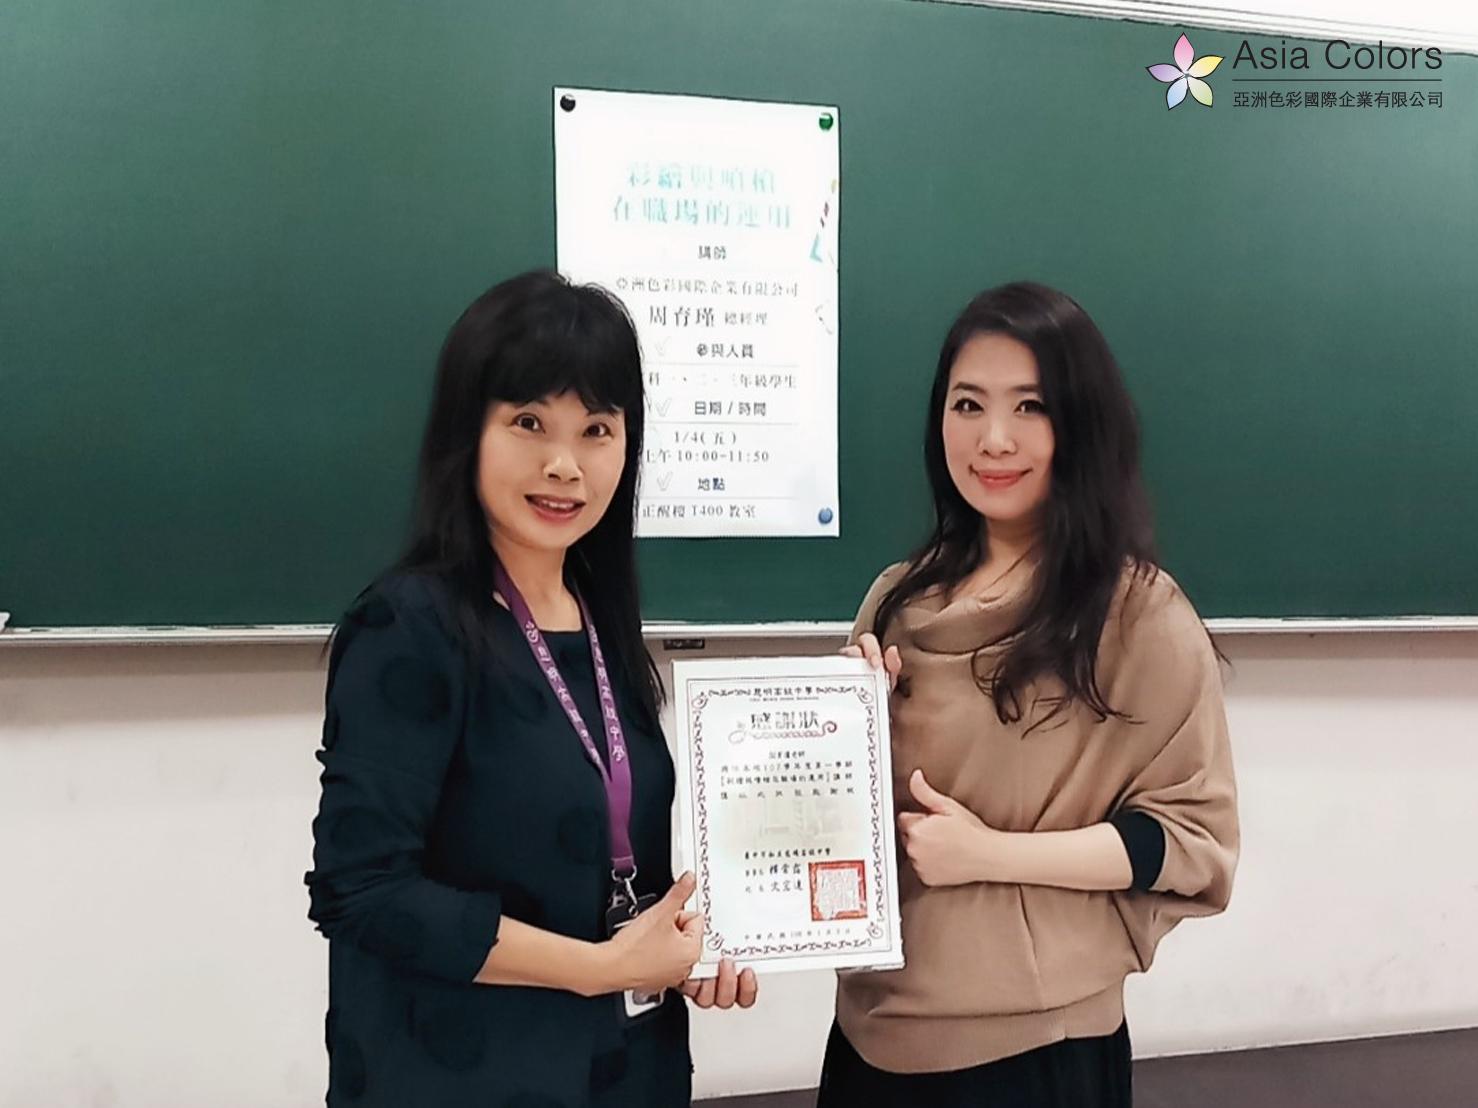 20190104慈明高中演講_190313_0109.jpg